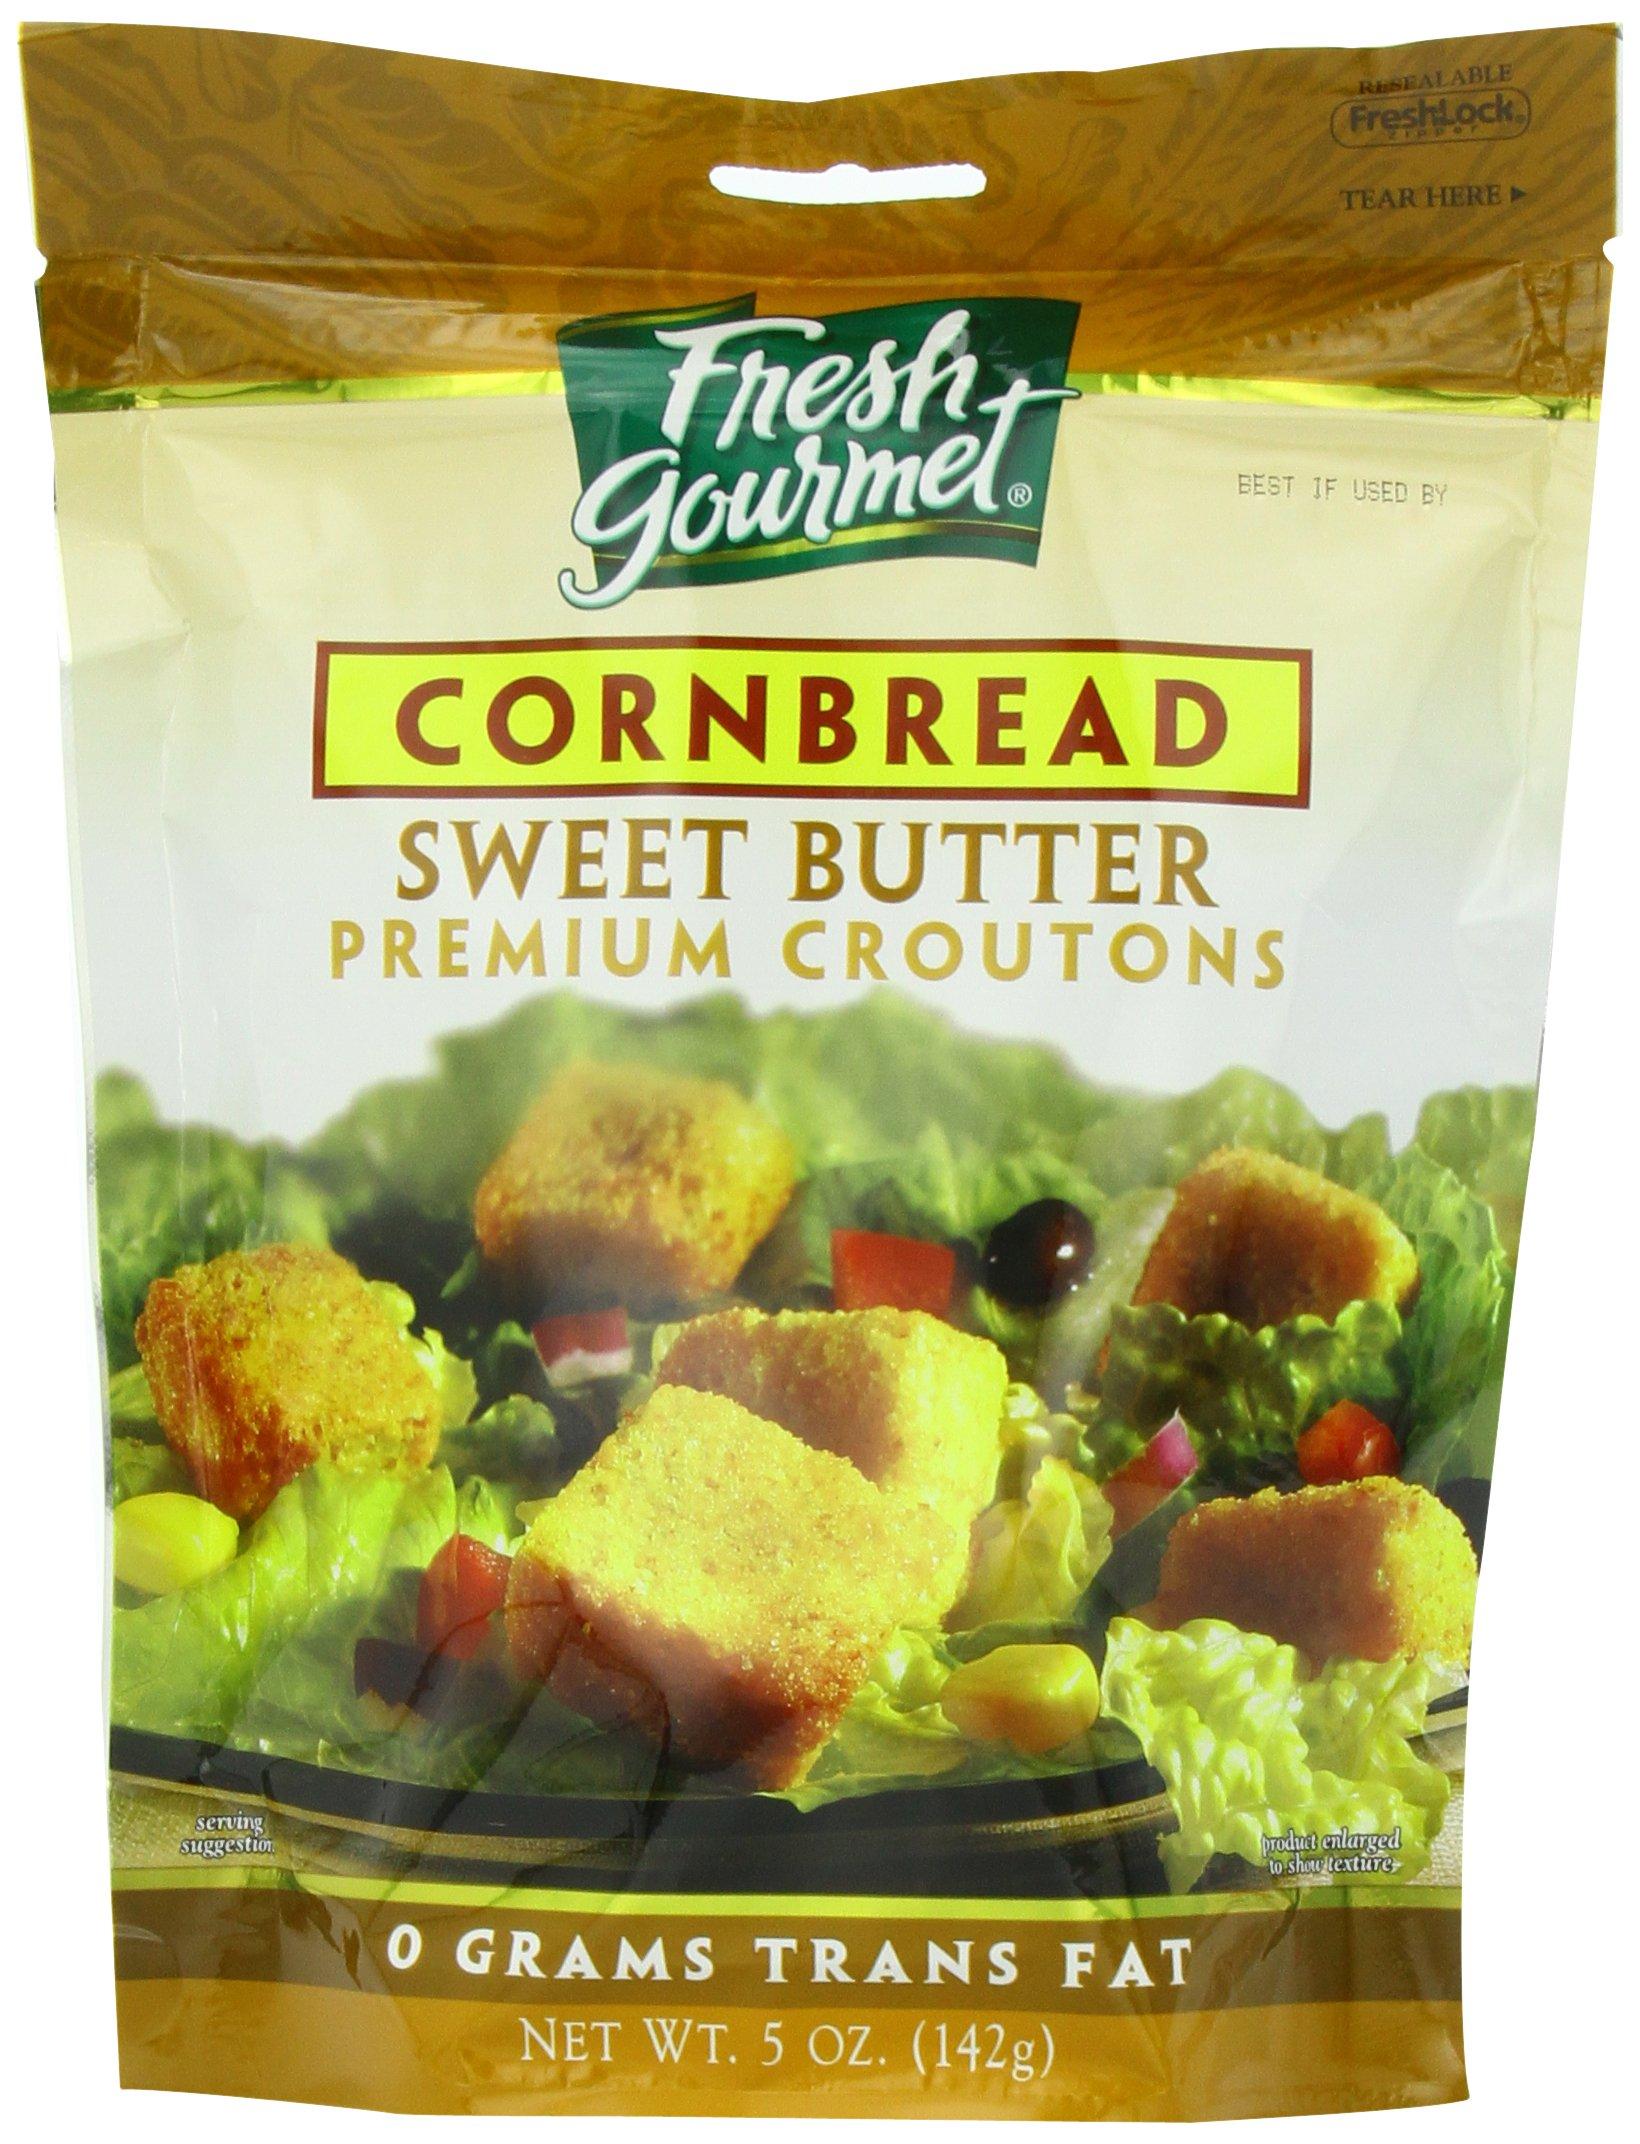 Fresh Gourmet Premium Croutons, Sweet Butter Cornbread, 5 Ounce (Pack of 6)